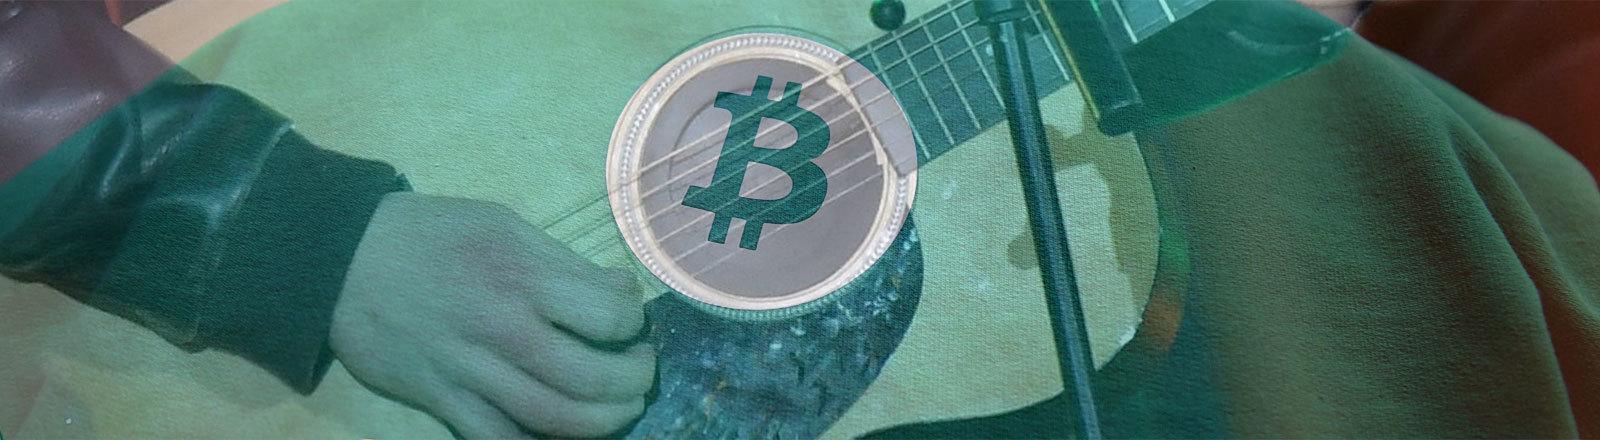 """Musiker an Gitarre / Bitcoin-Logo auf grünem Pulli mit Schriftzug """"To the Moon"""""""